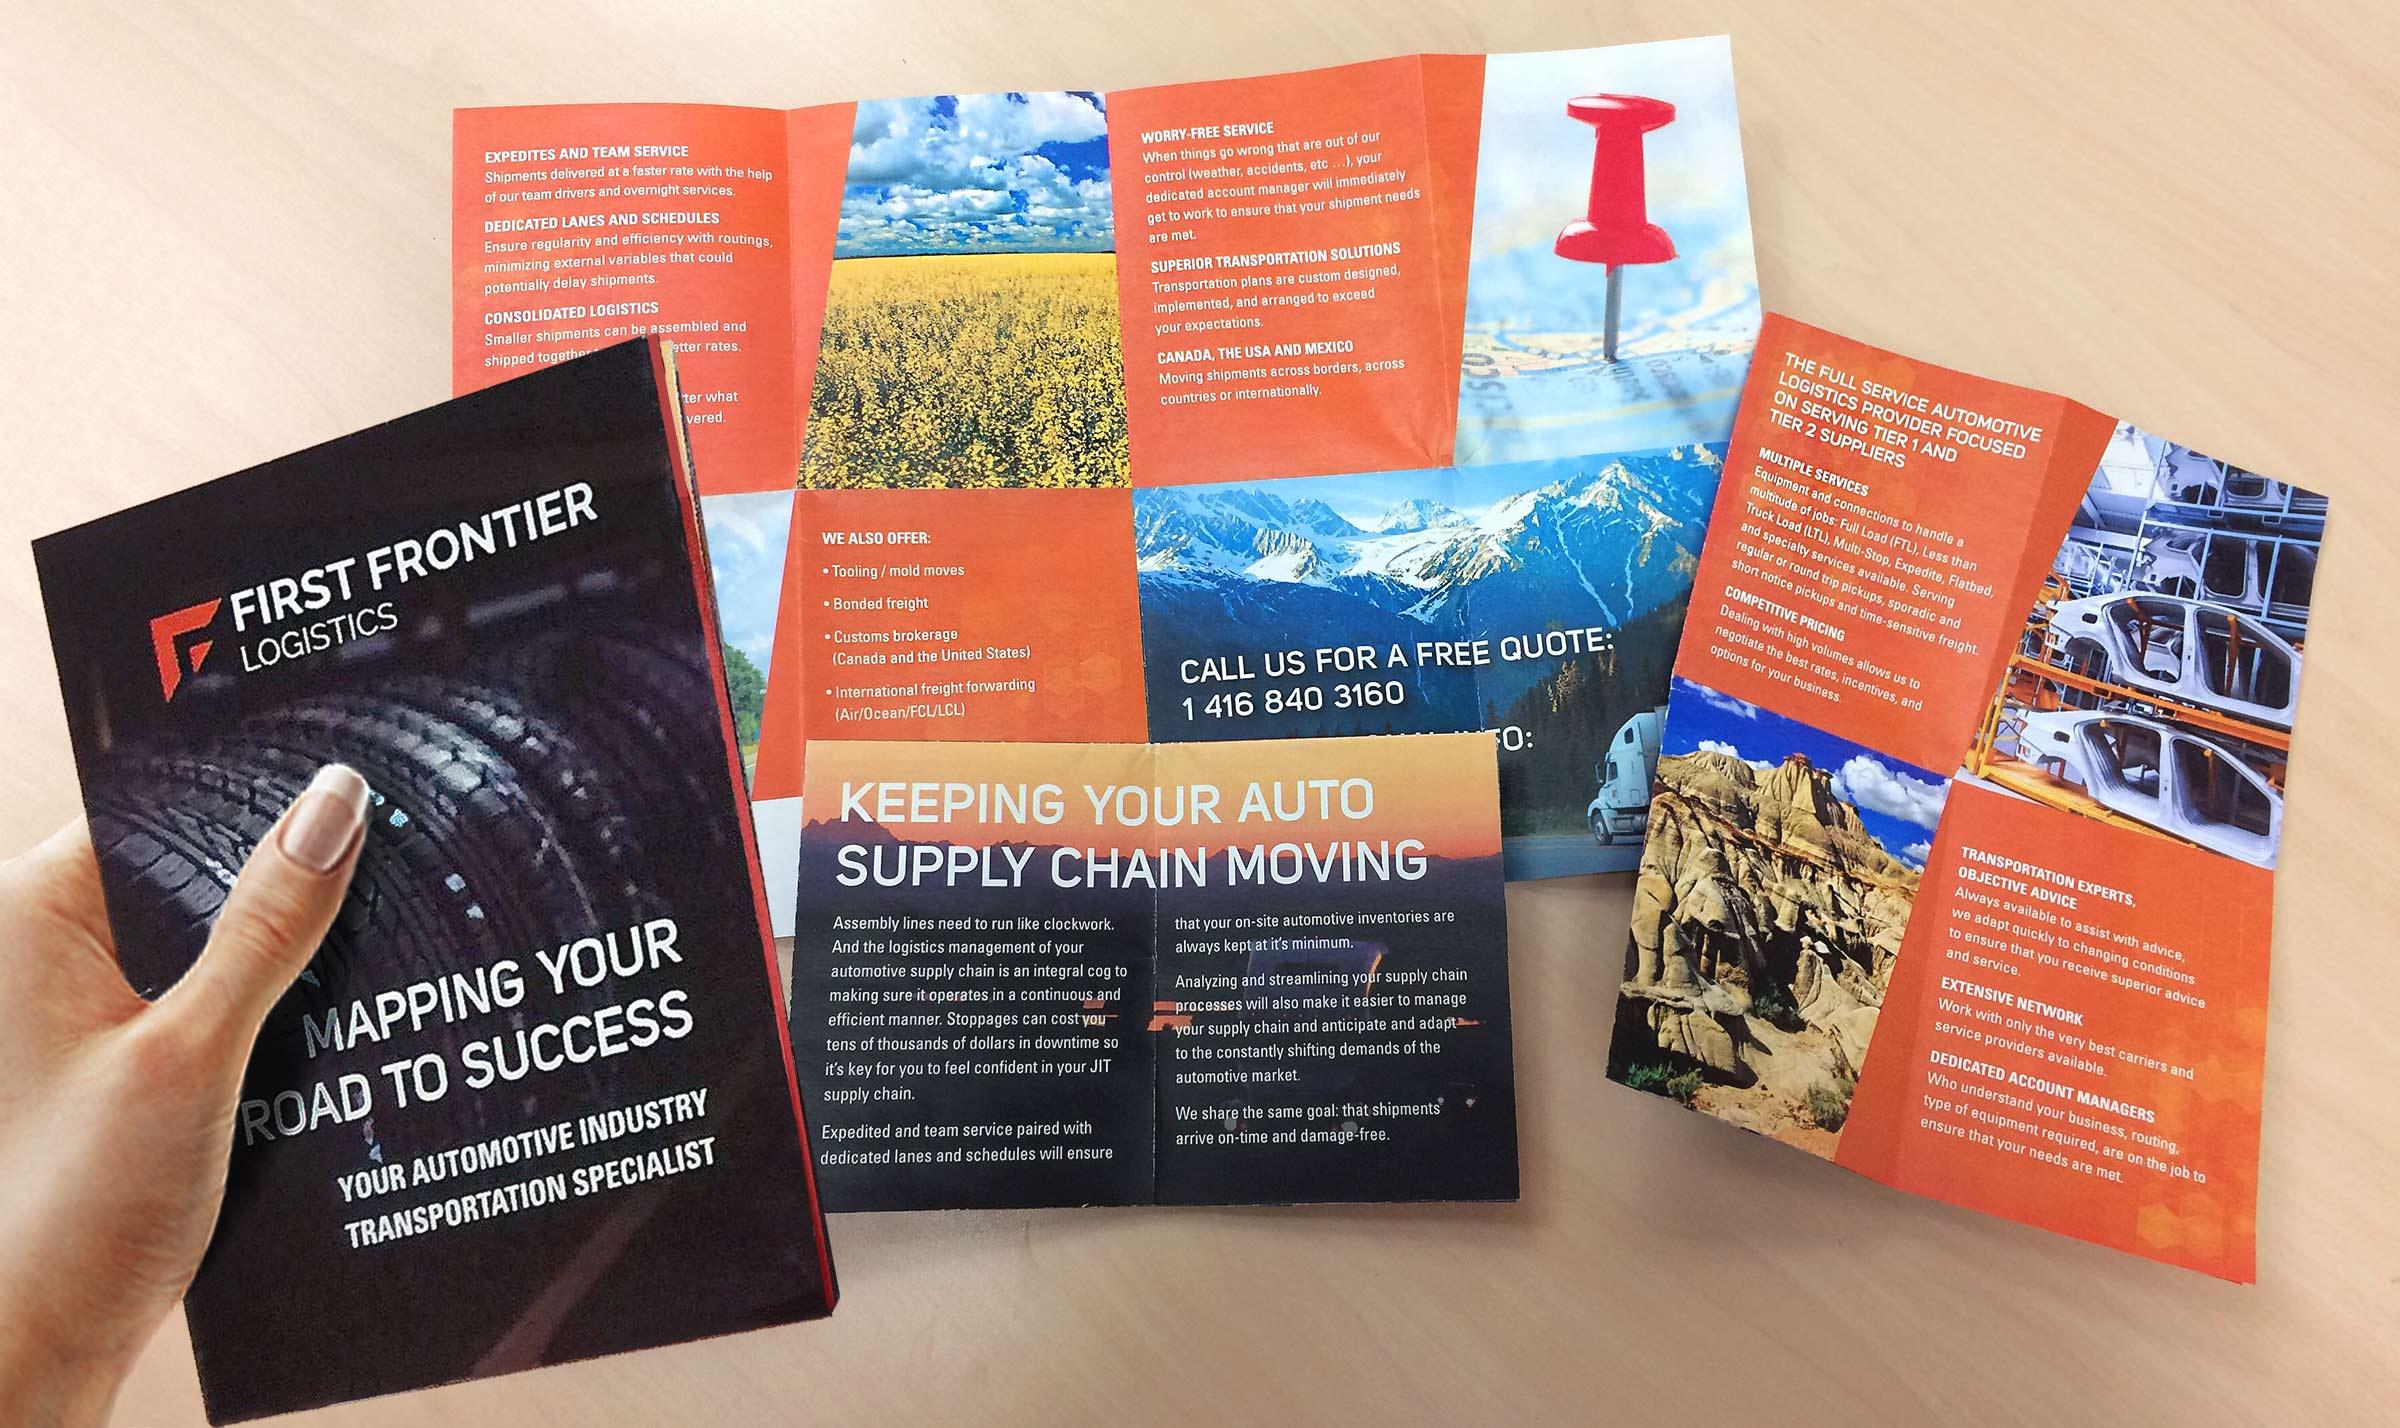 first frontier logistics brochure